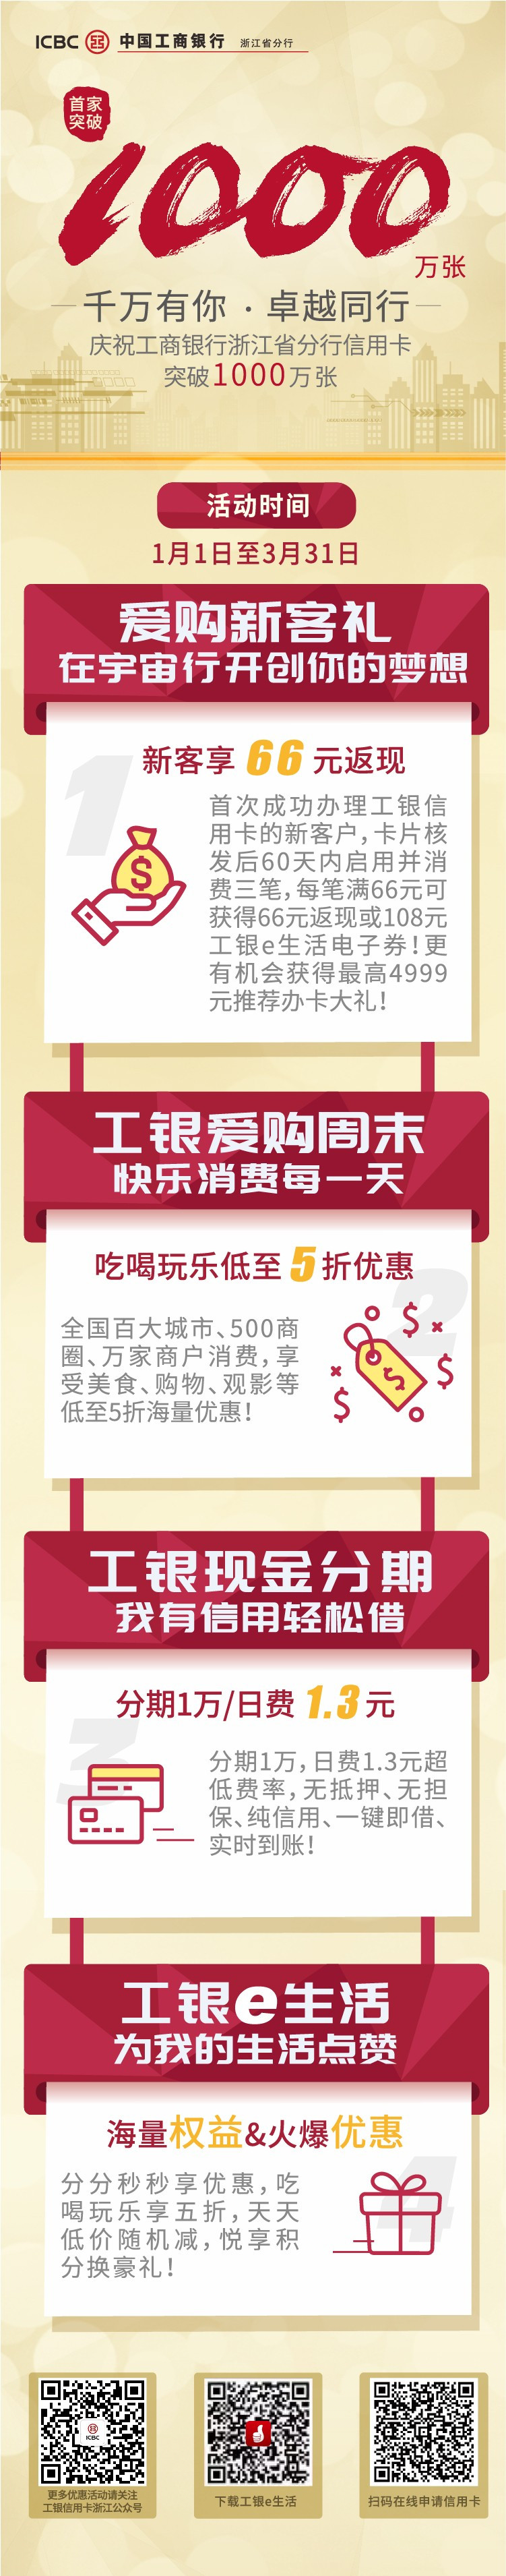 庆祝工商银行浙江省分行信用卡突破1000万张!